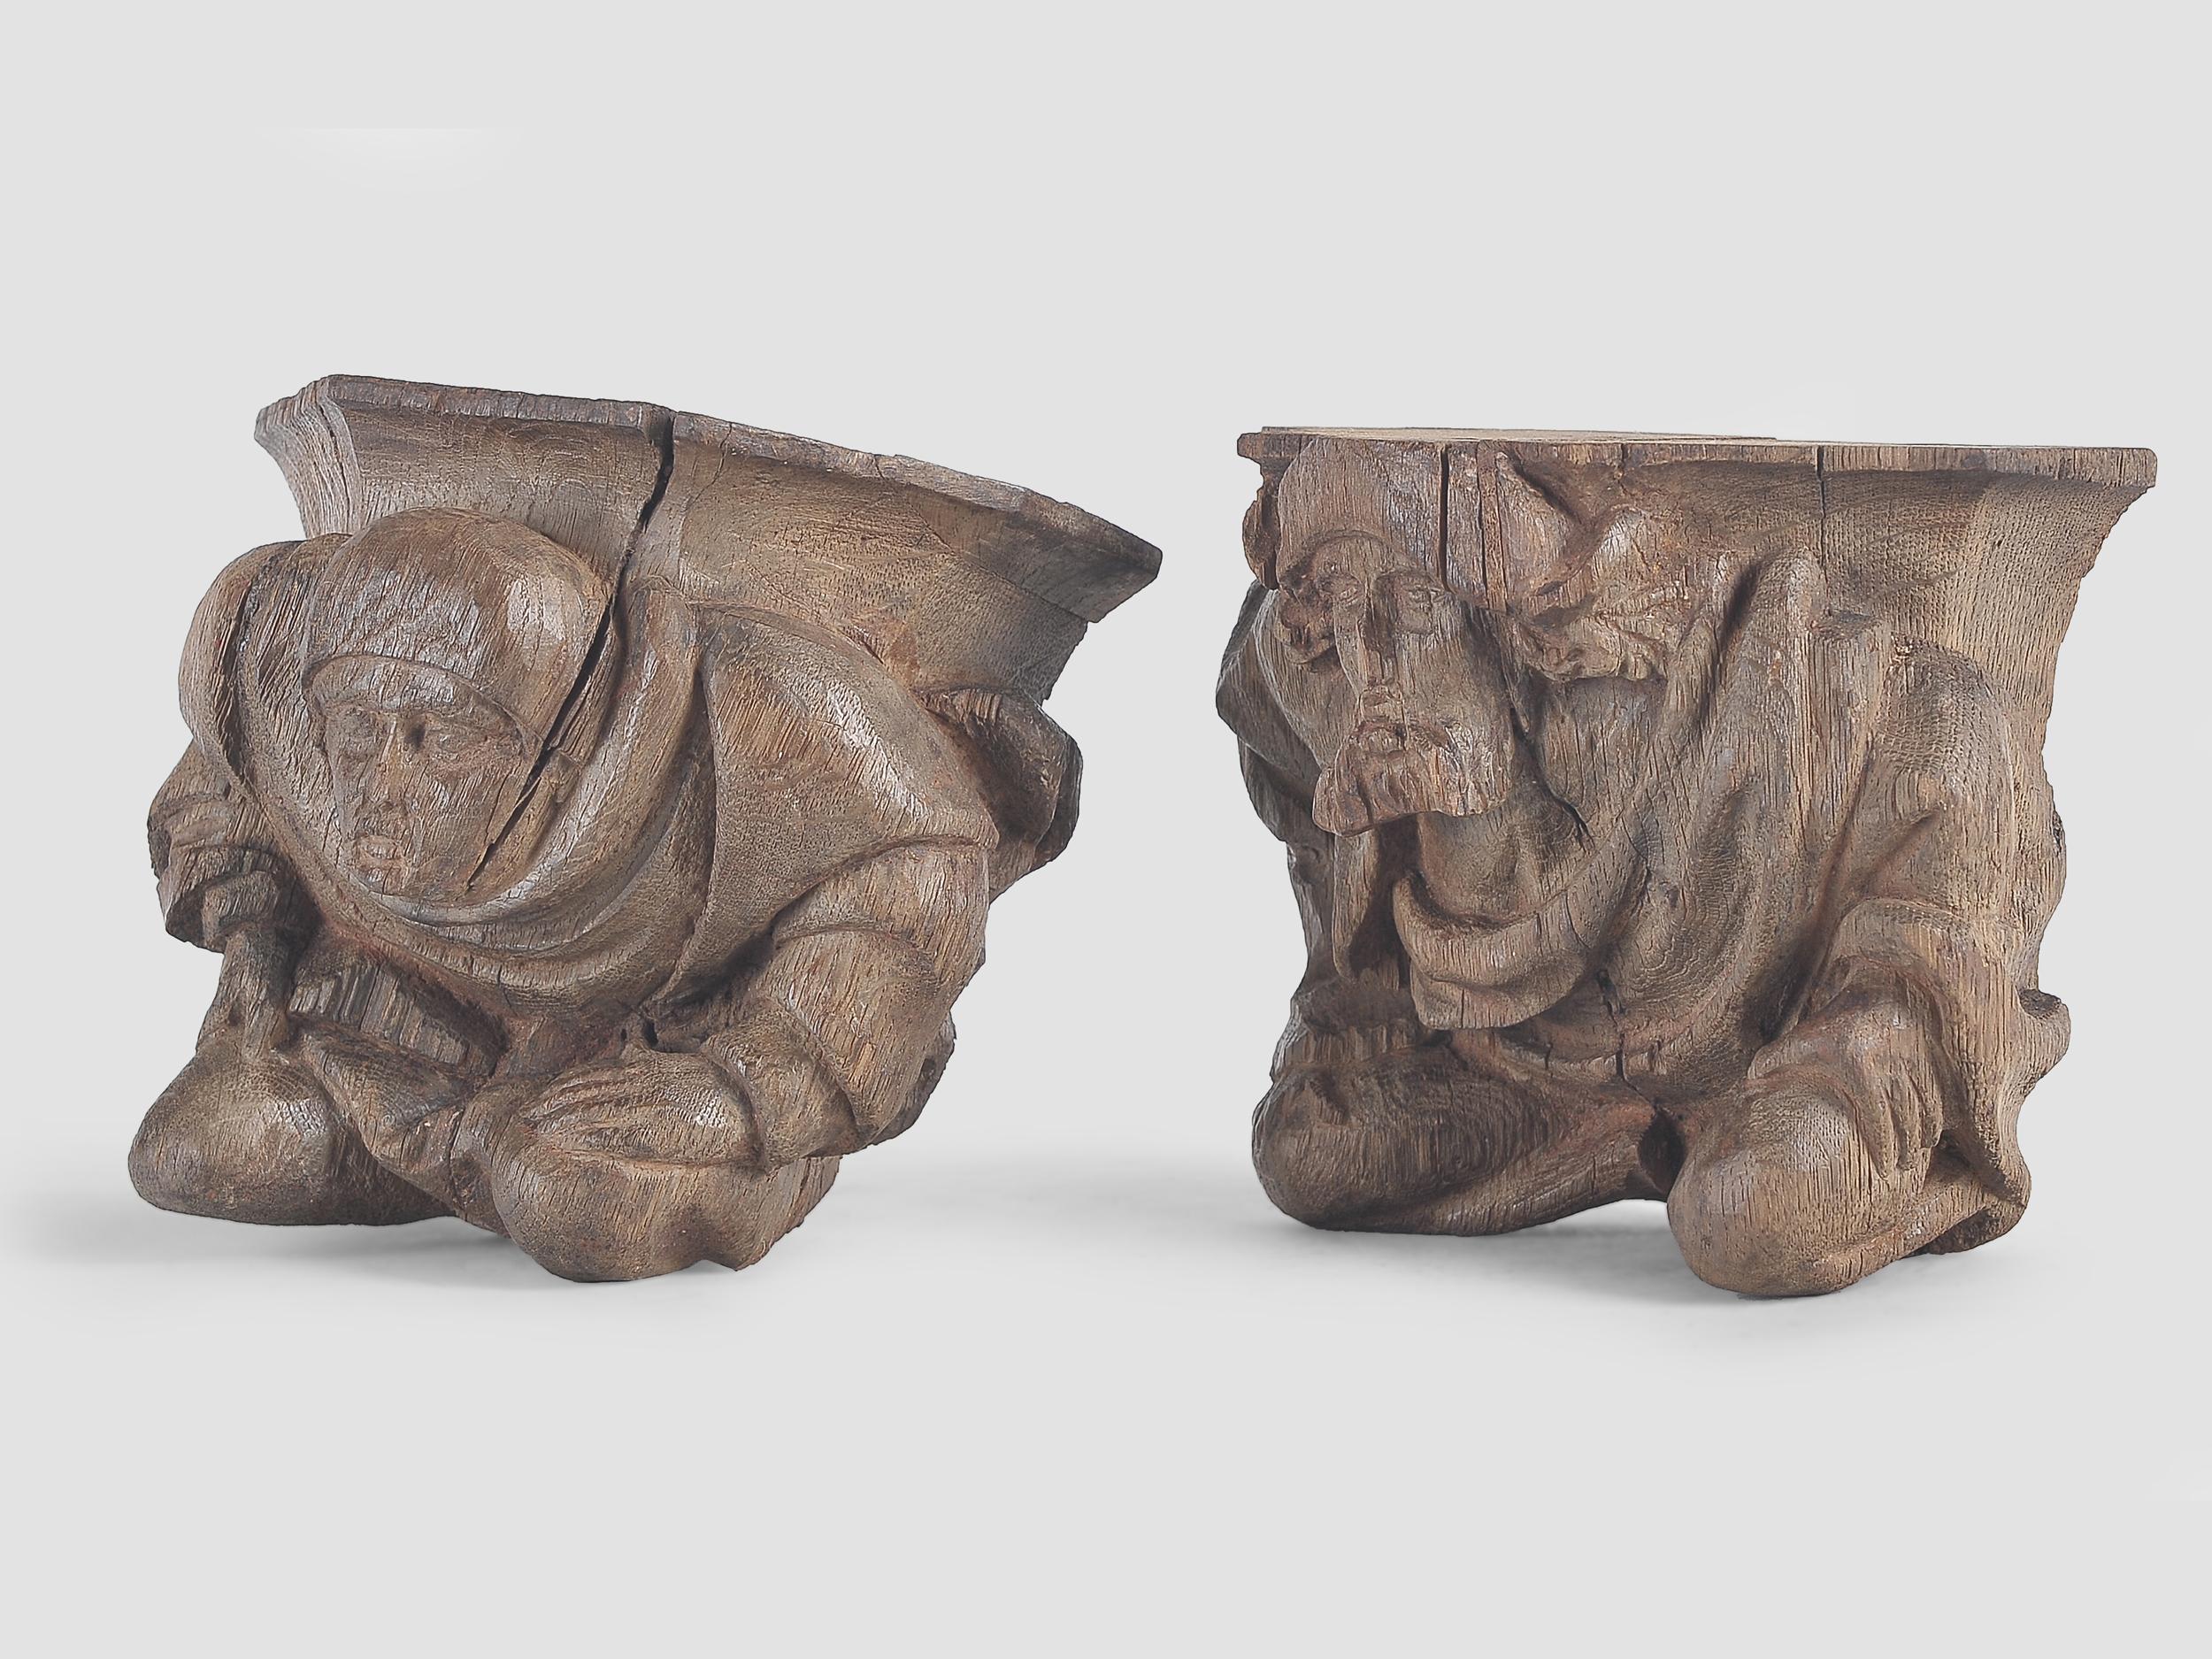 Paar Wandkonsolen, Französisch oder Flämisch um 1500 - Image 3 of 4